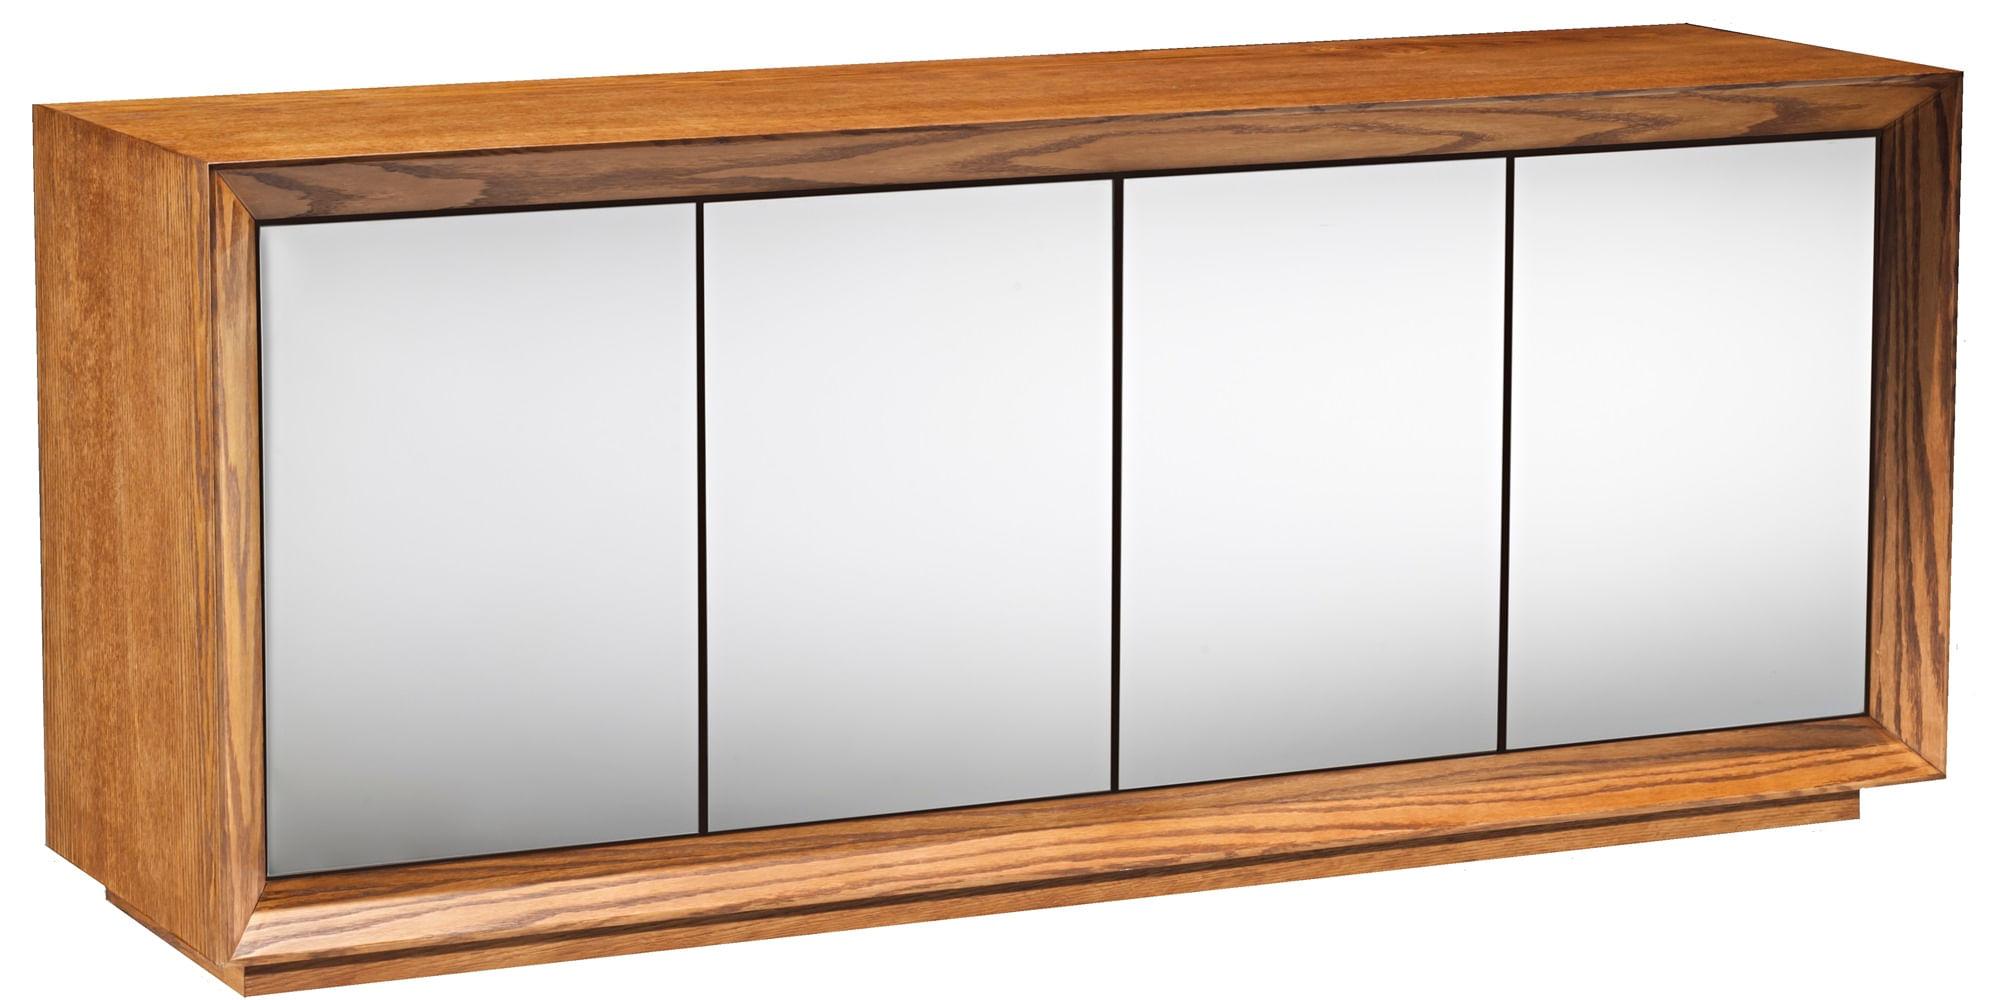 Buffet Passos Amendoa 4 Portas Espelho Prata 1,80 MT- 36056